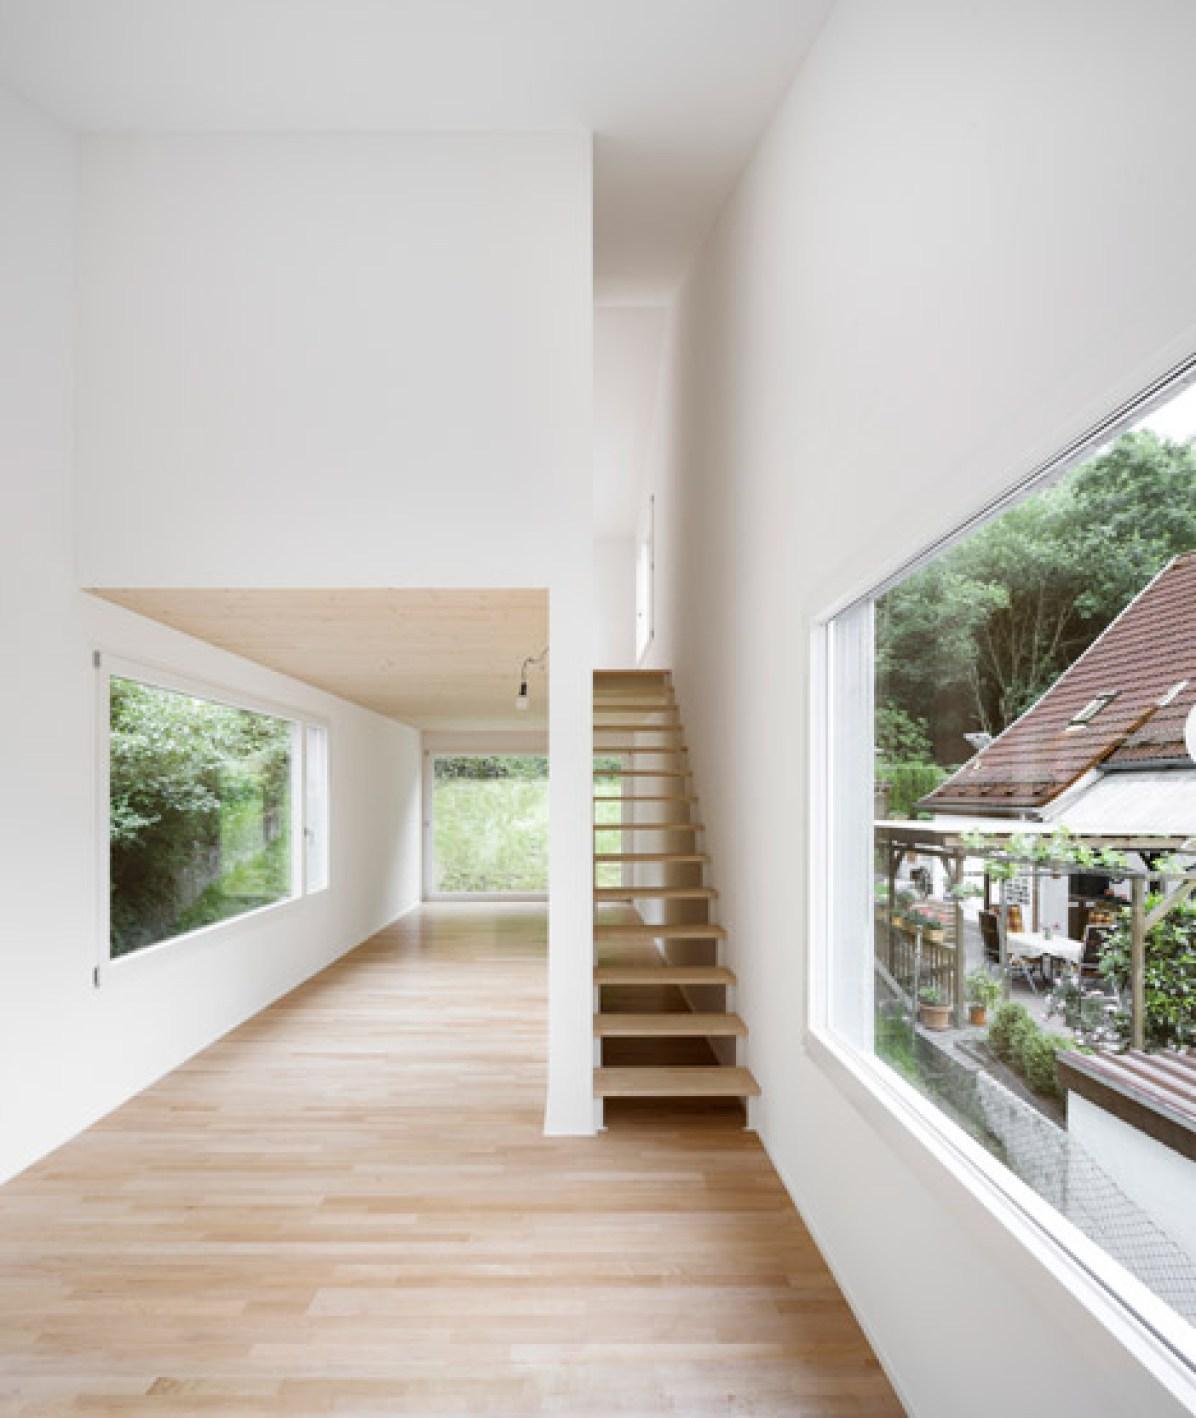 Maja Wirkus - Small House, Architekturburo Scheder